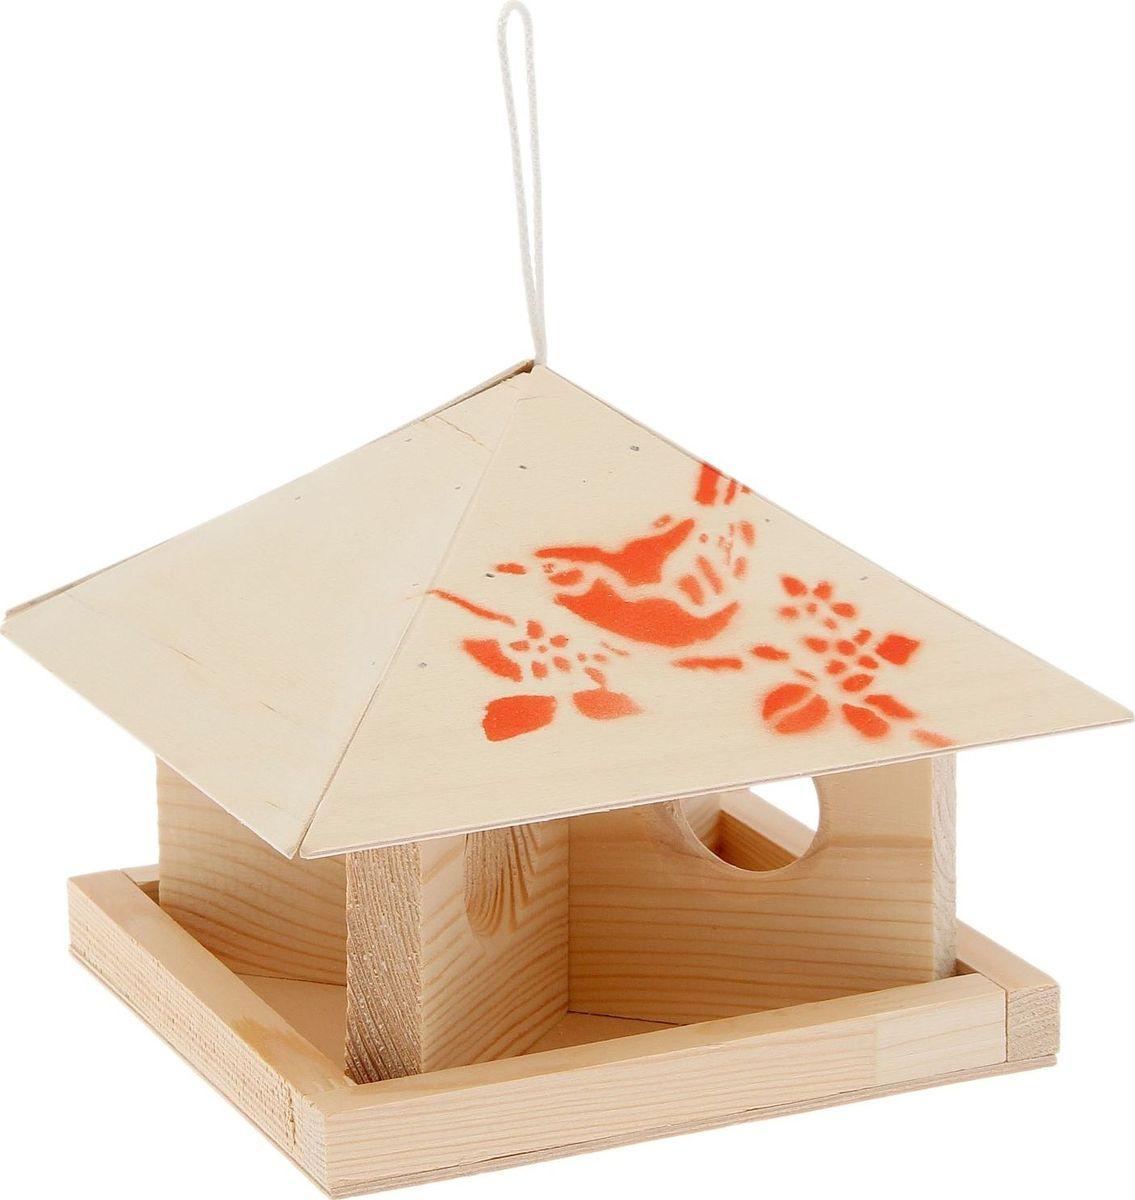 Кормушка для птиц Шатер, 23 х 23 х 18 см2012678